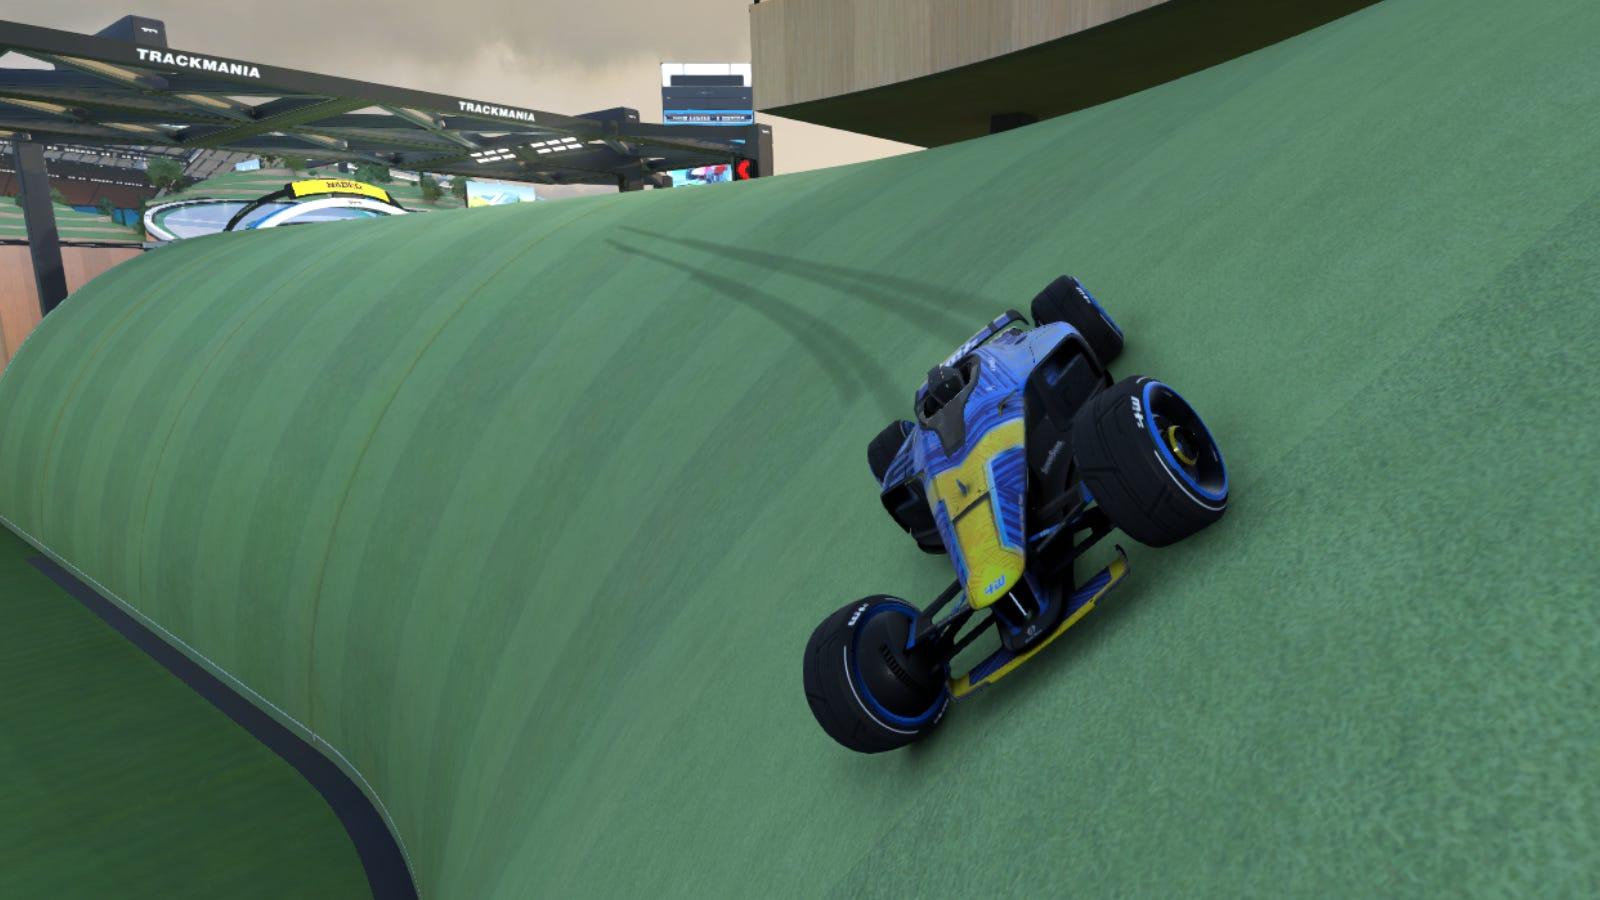 Course de voitures le long d'une colline herbeuse dans 'Trackmania'